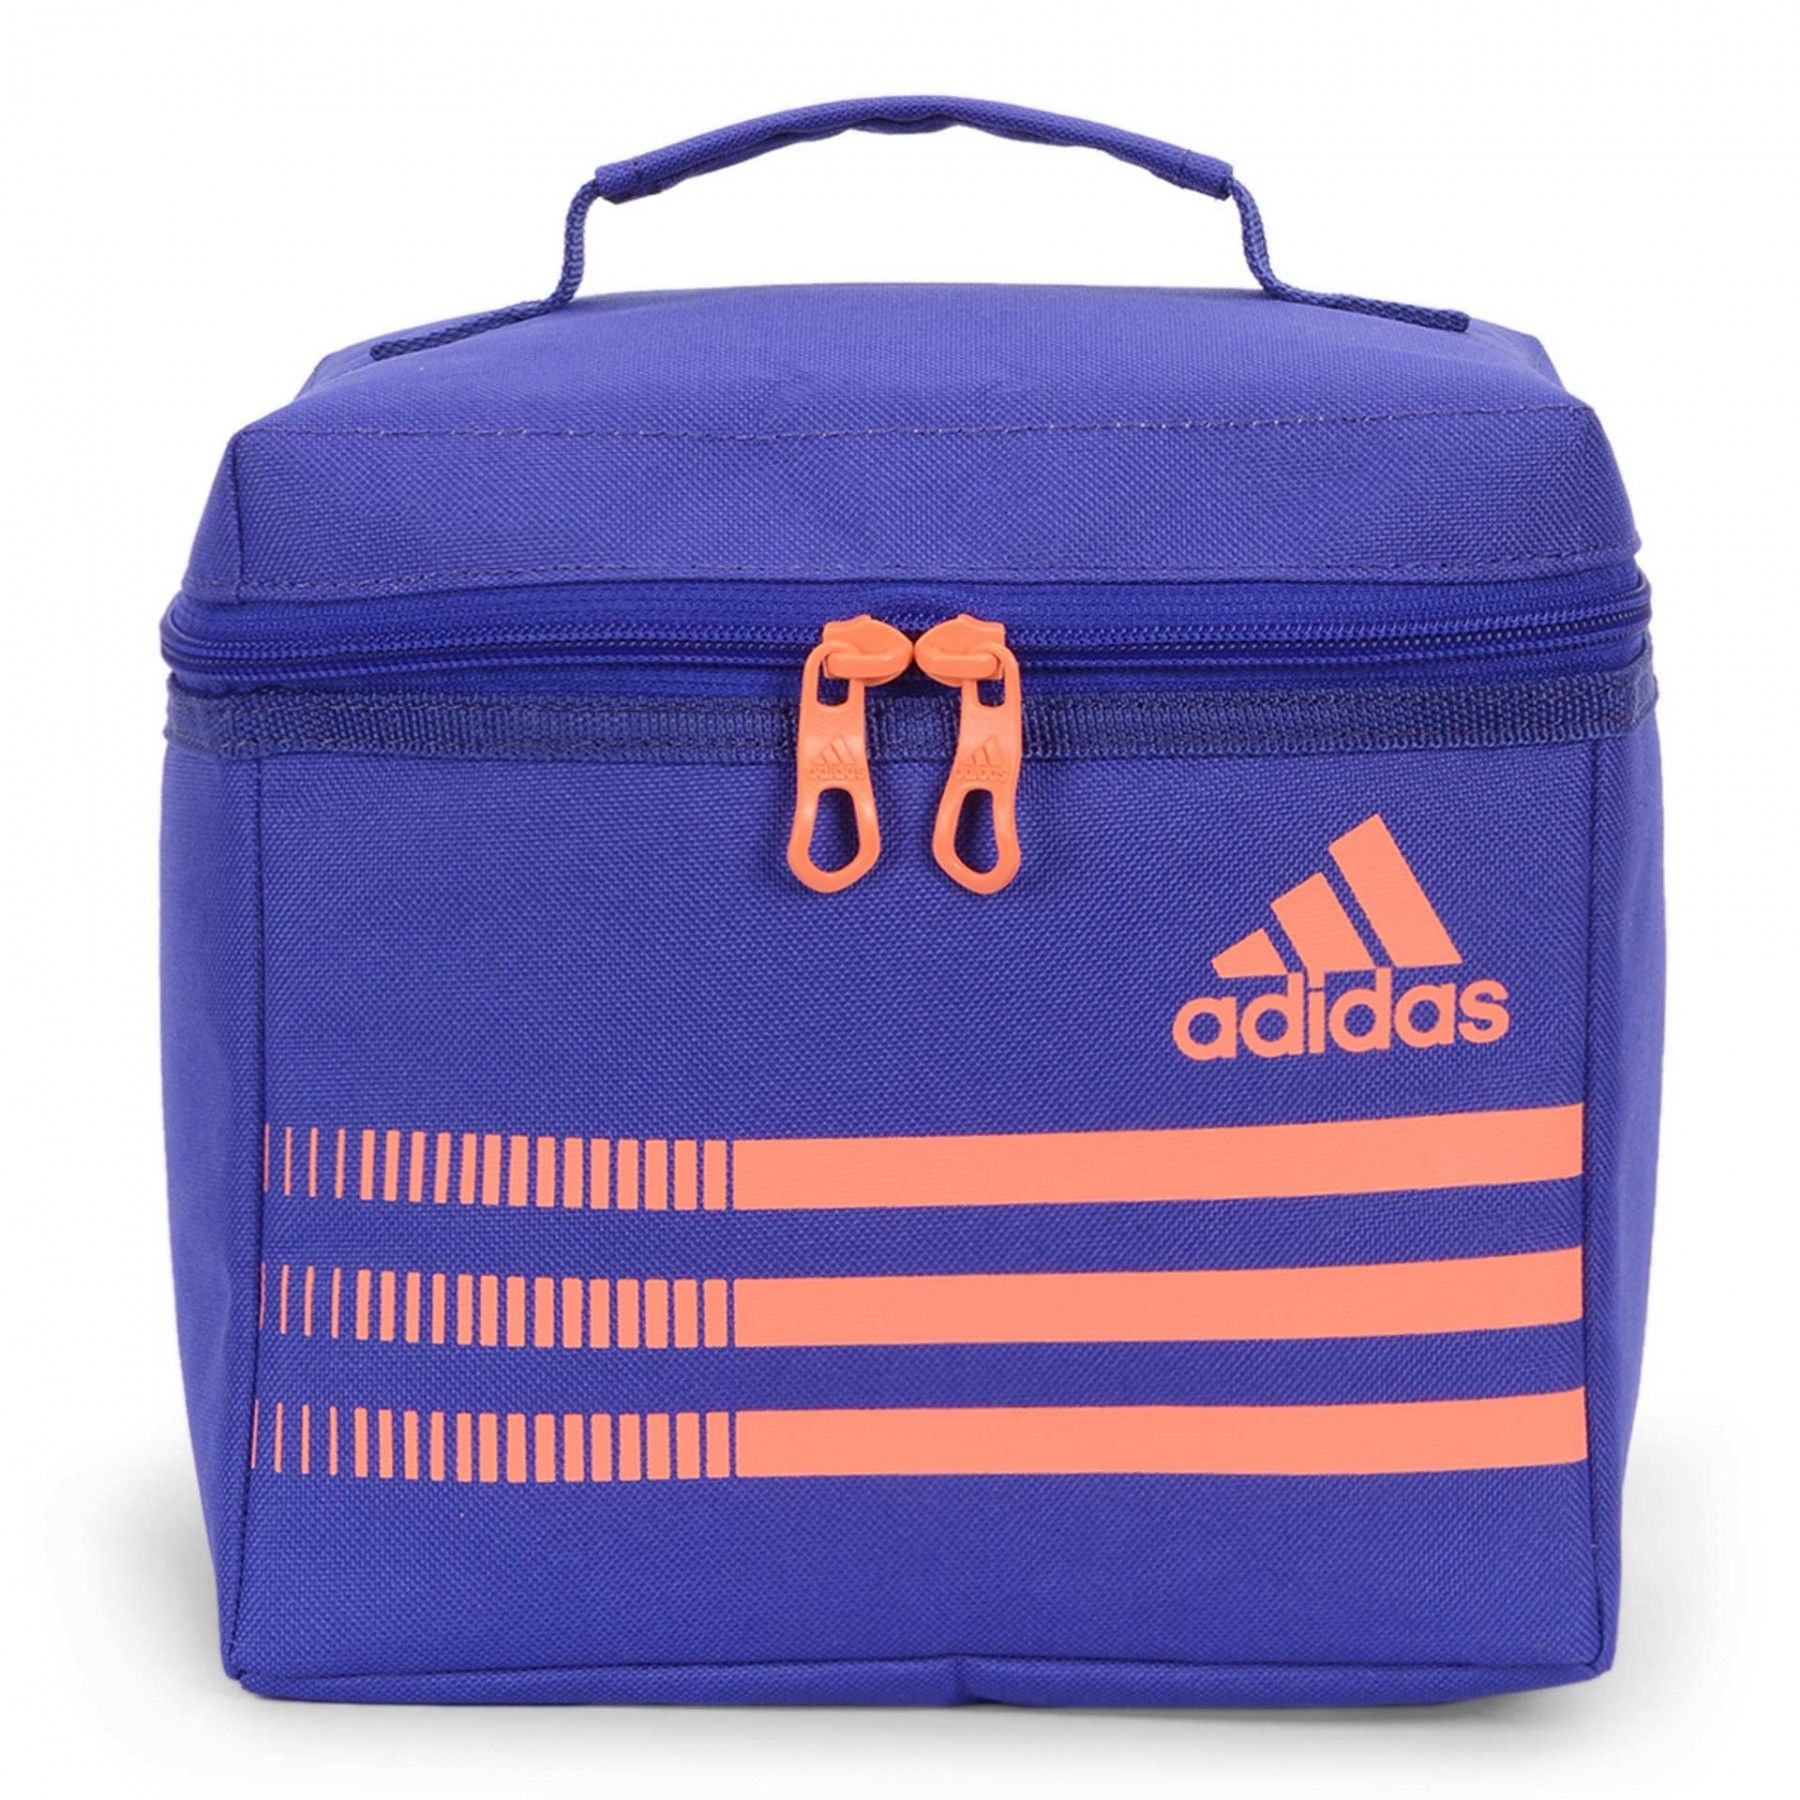 4c90994a2700 Adidas lunch bag